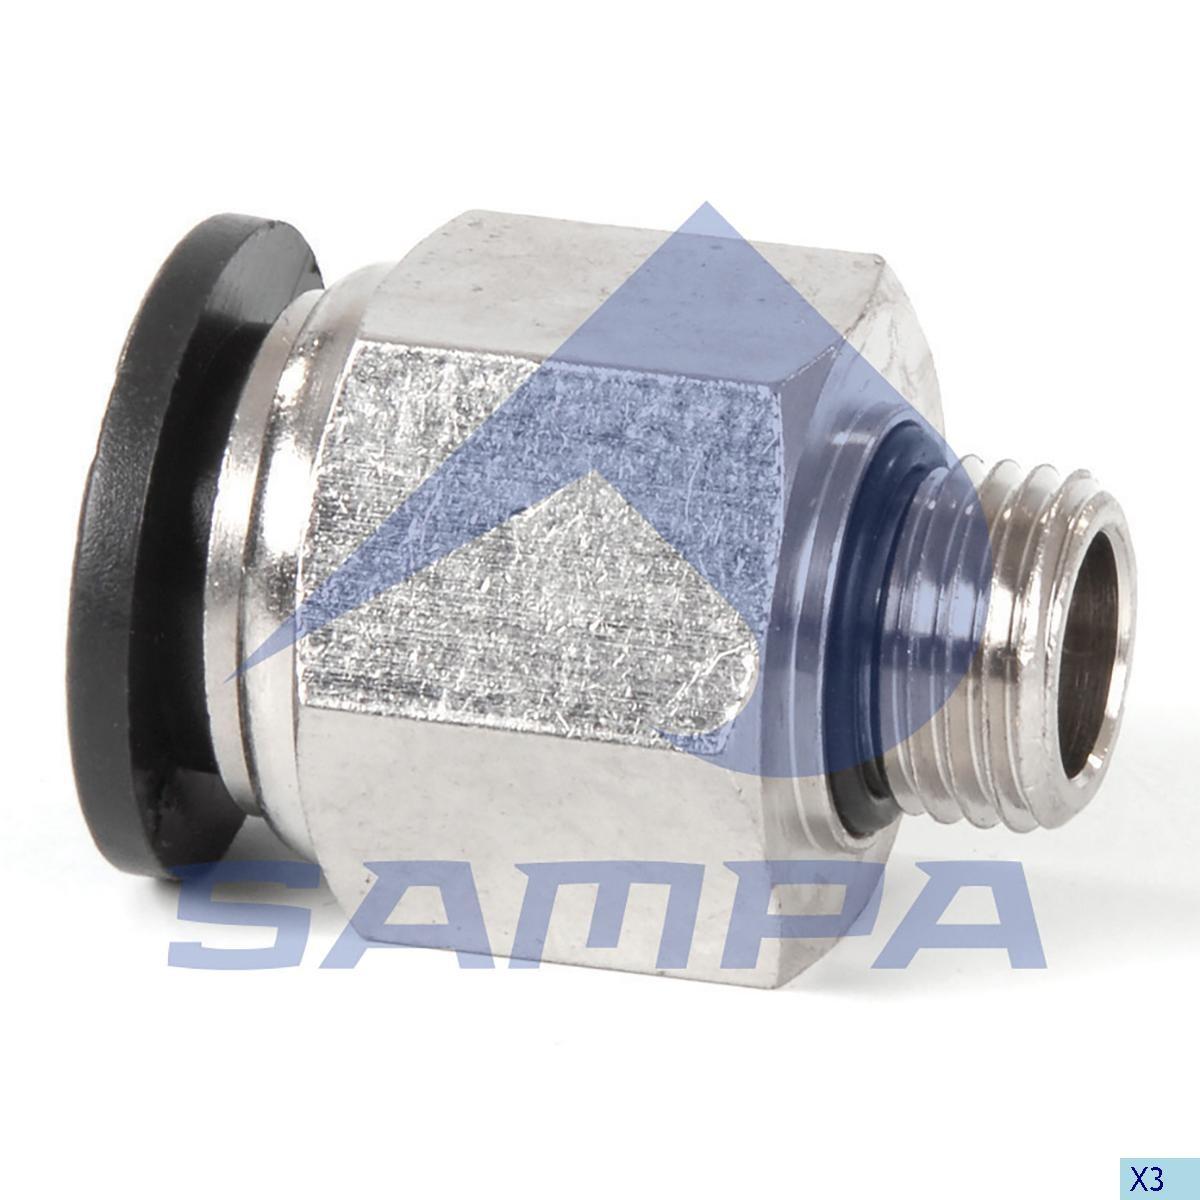 Фитинг металический прямой M12x1.5-12(plast) photo